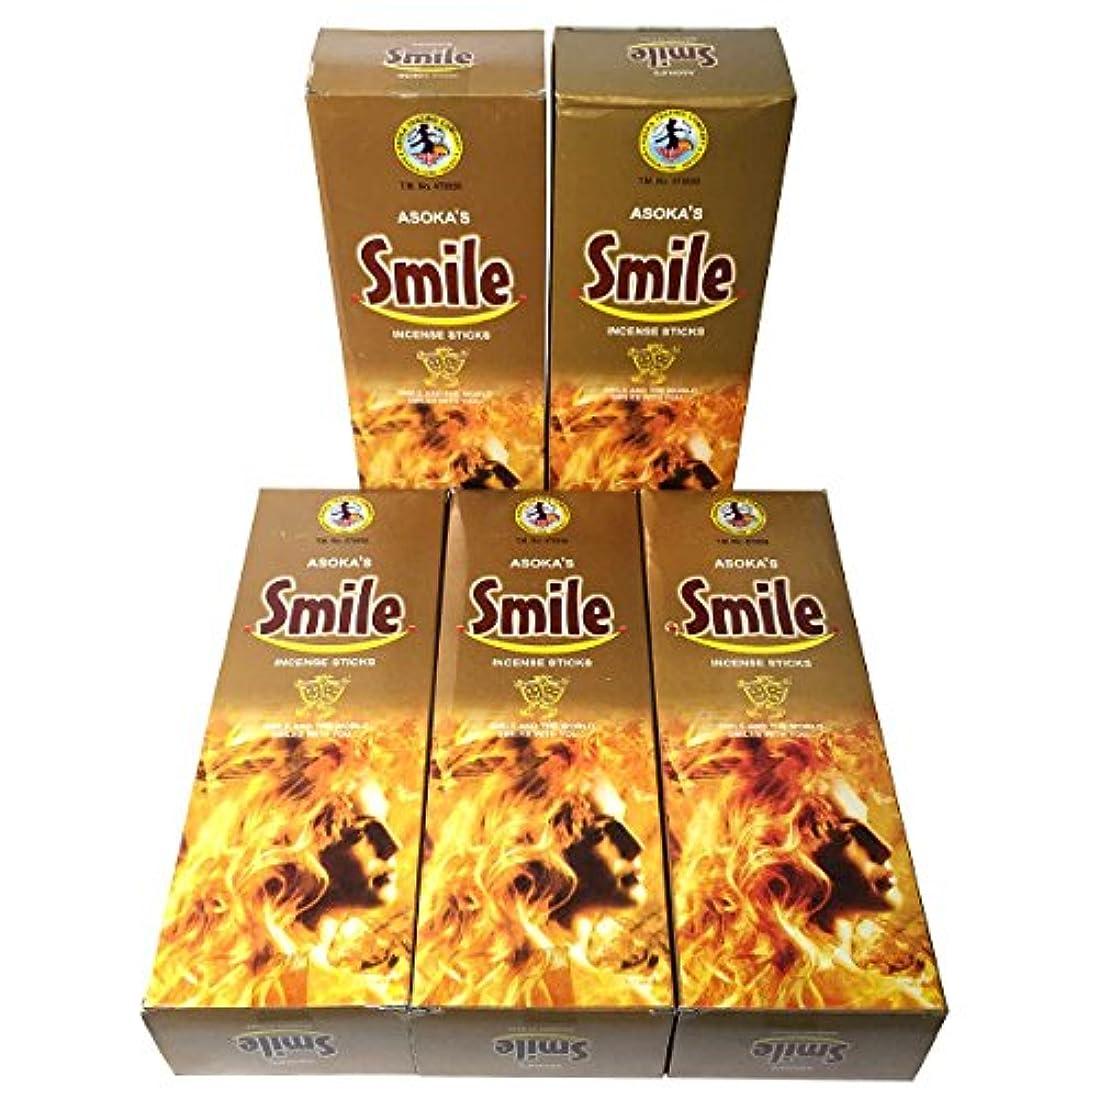 タービン胚芽要塞スマイル香スティック 5BOX(30箱)/ASOKA SMILE/ インド香 / 送料無料 [並行輸入品]